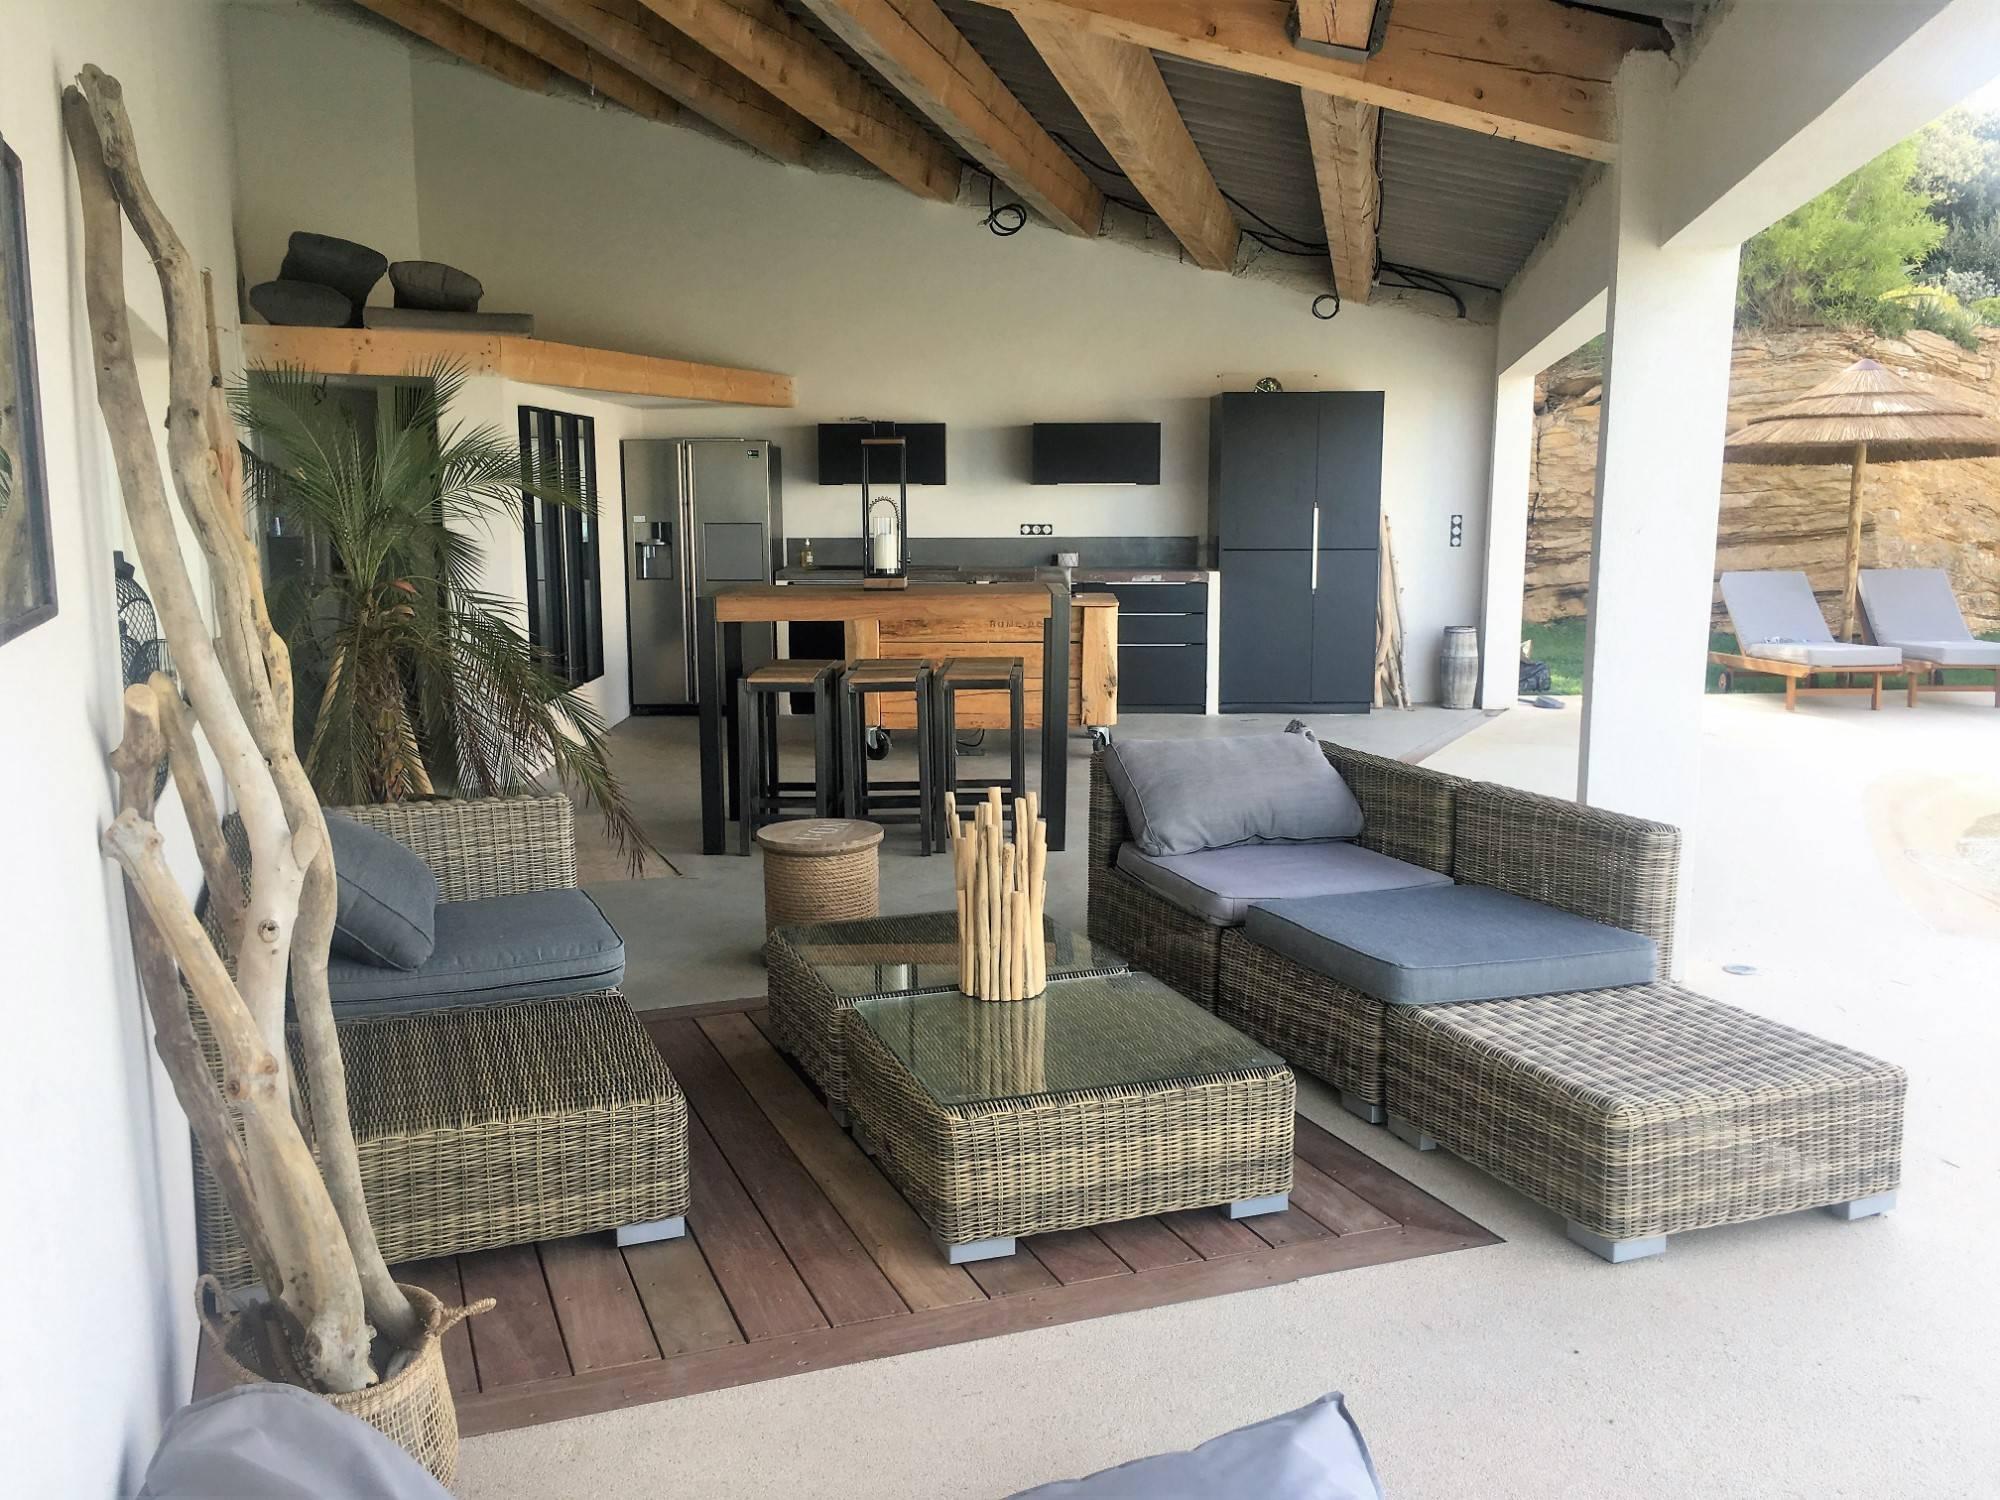 architecte d 39 int rieur et d coration bandol lionel roche. Black Bedroom Furniture Sets. Home Design Ideas